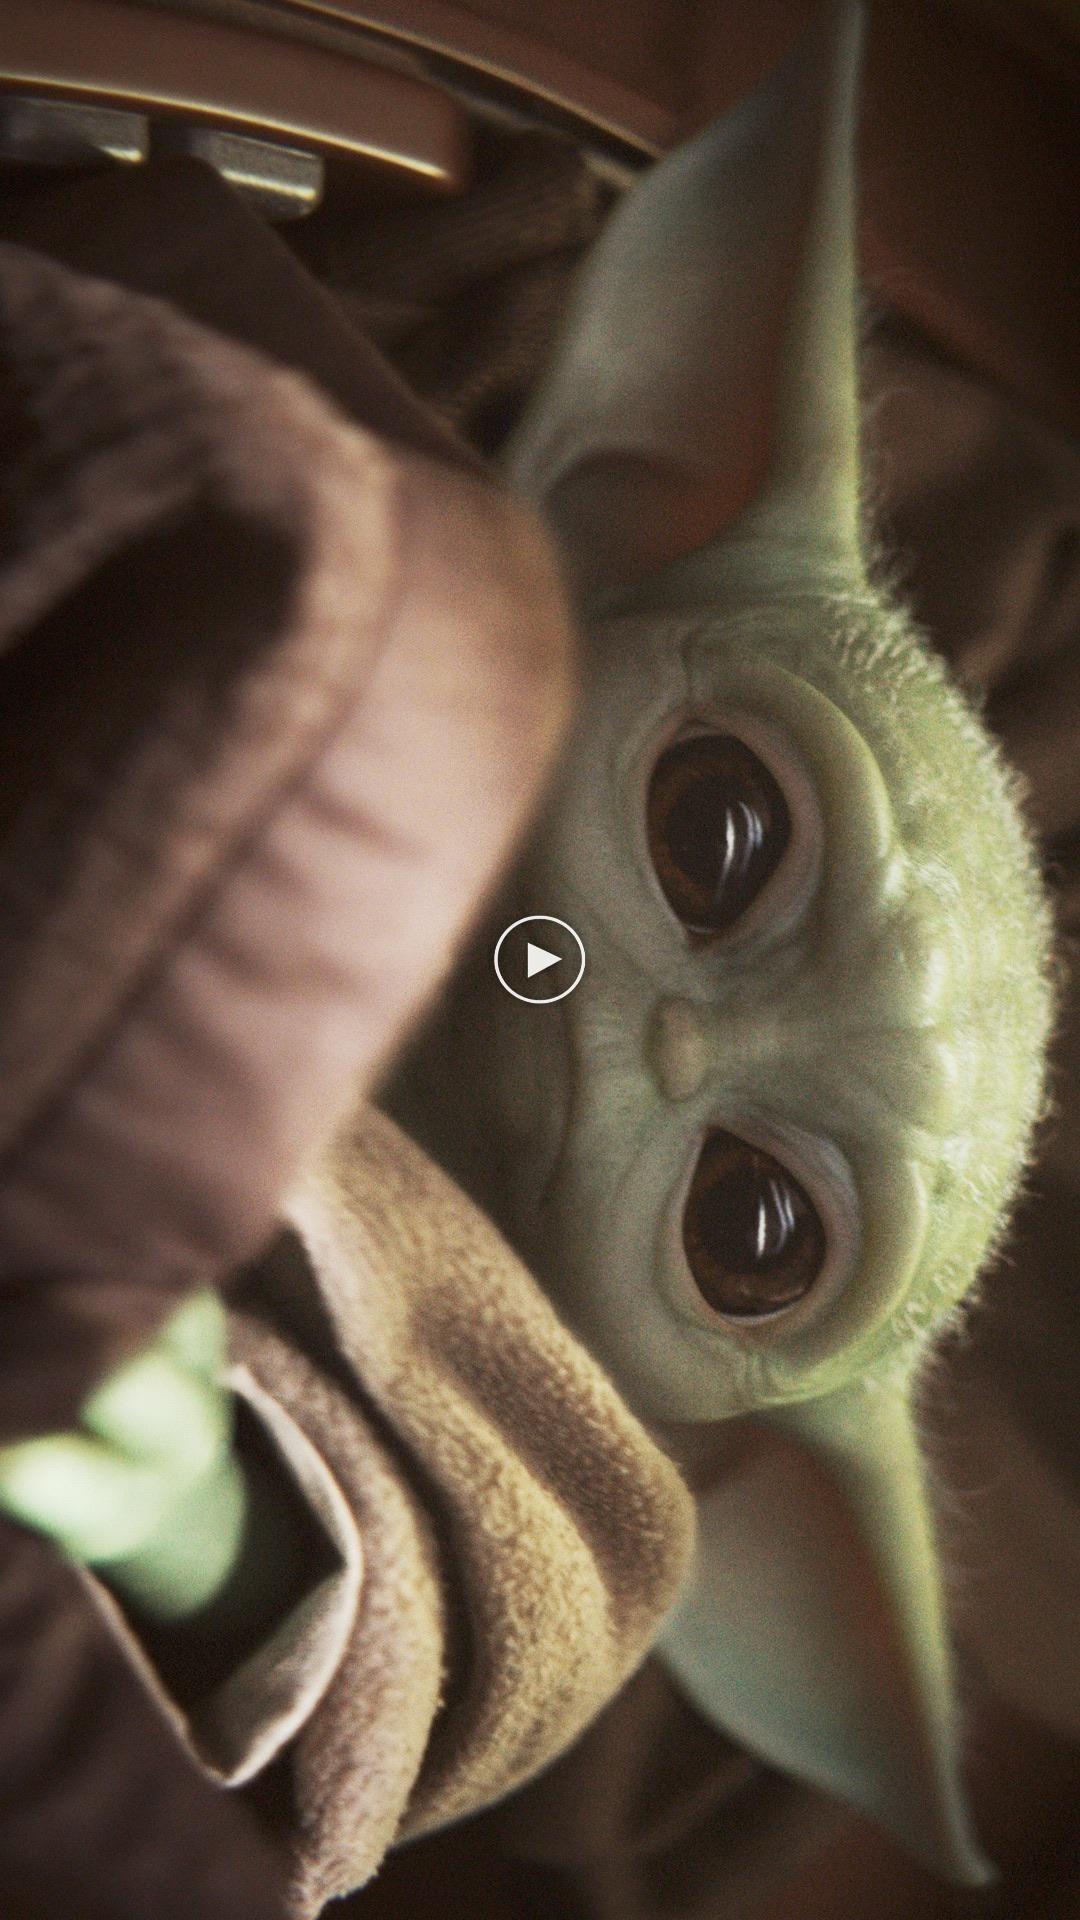 Si Baby Baby Yoda No Es Tu Fondo De Pantalla Realmente Tienes Un Fondo De Pantalla R Yoda Wallpaper Yoda Images Star Wars Wallpaper